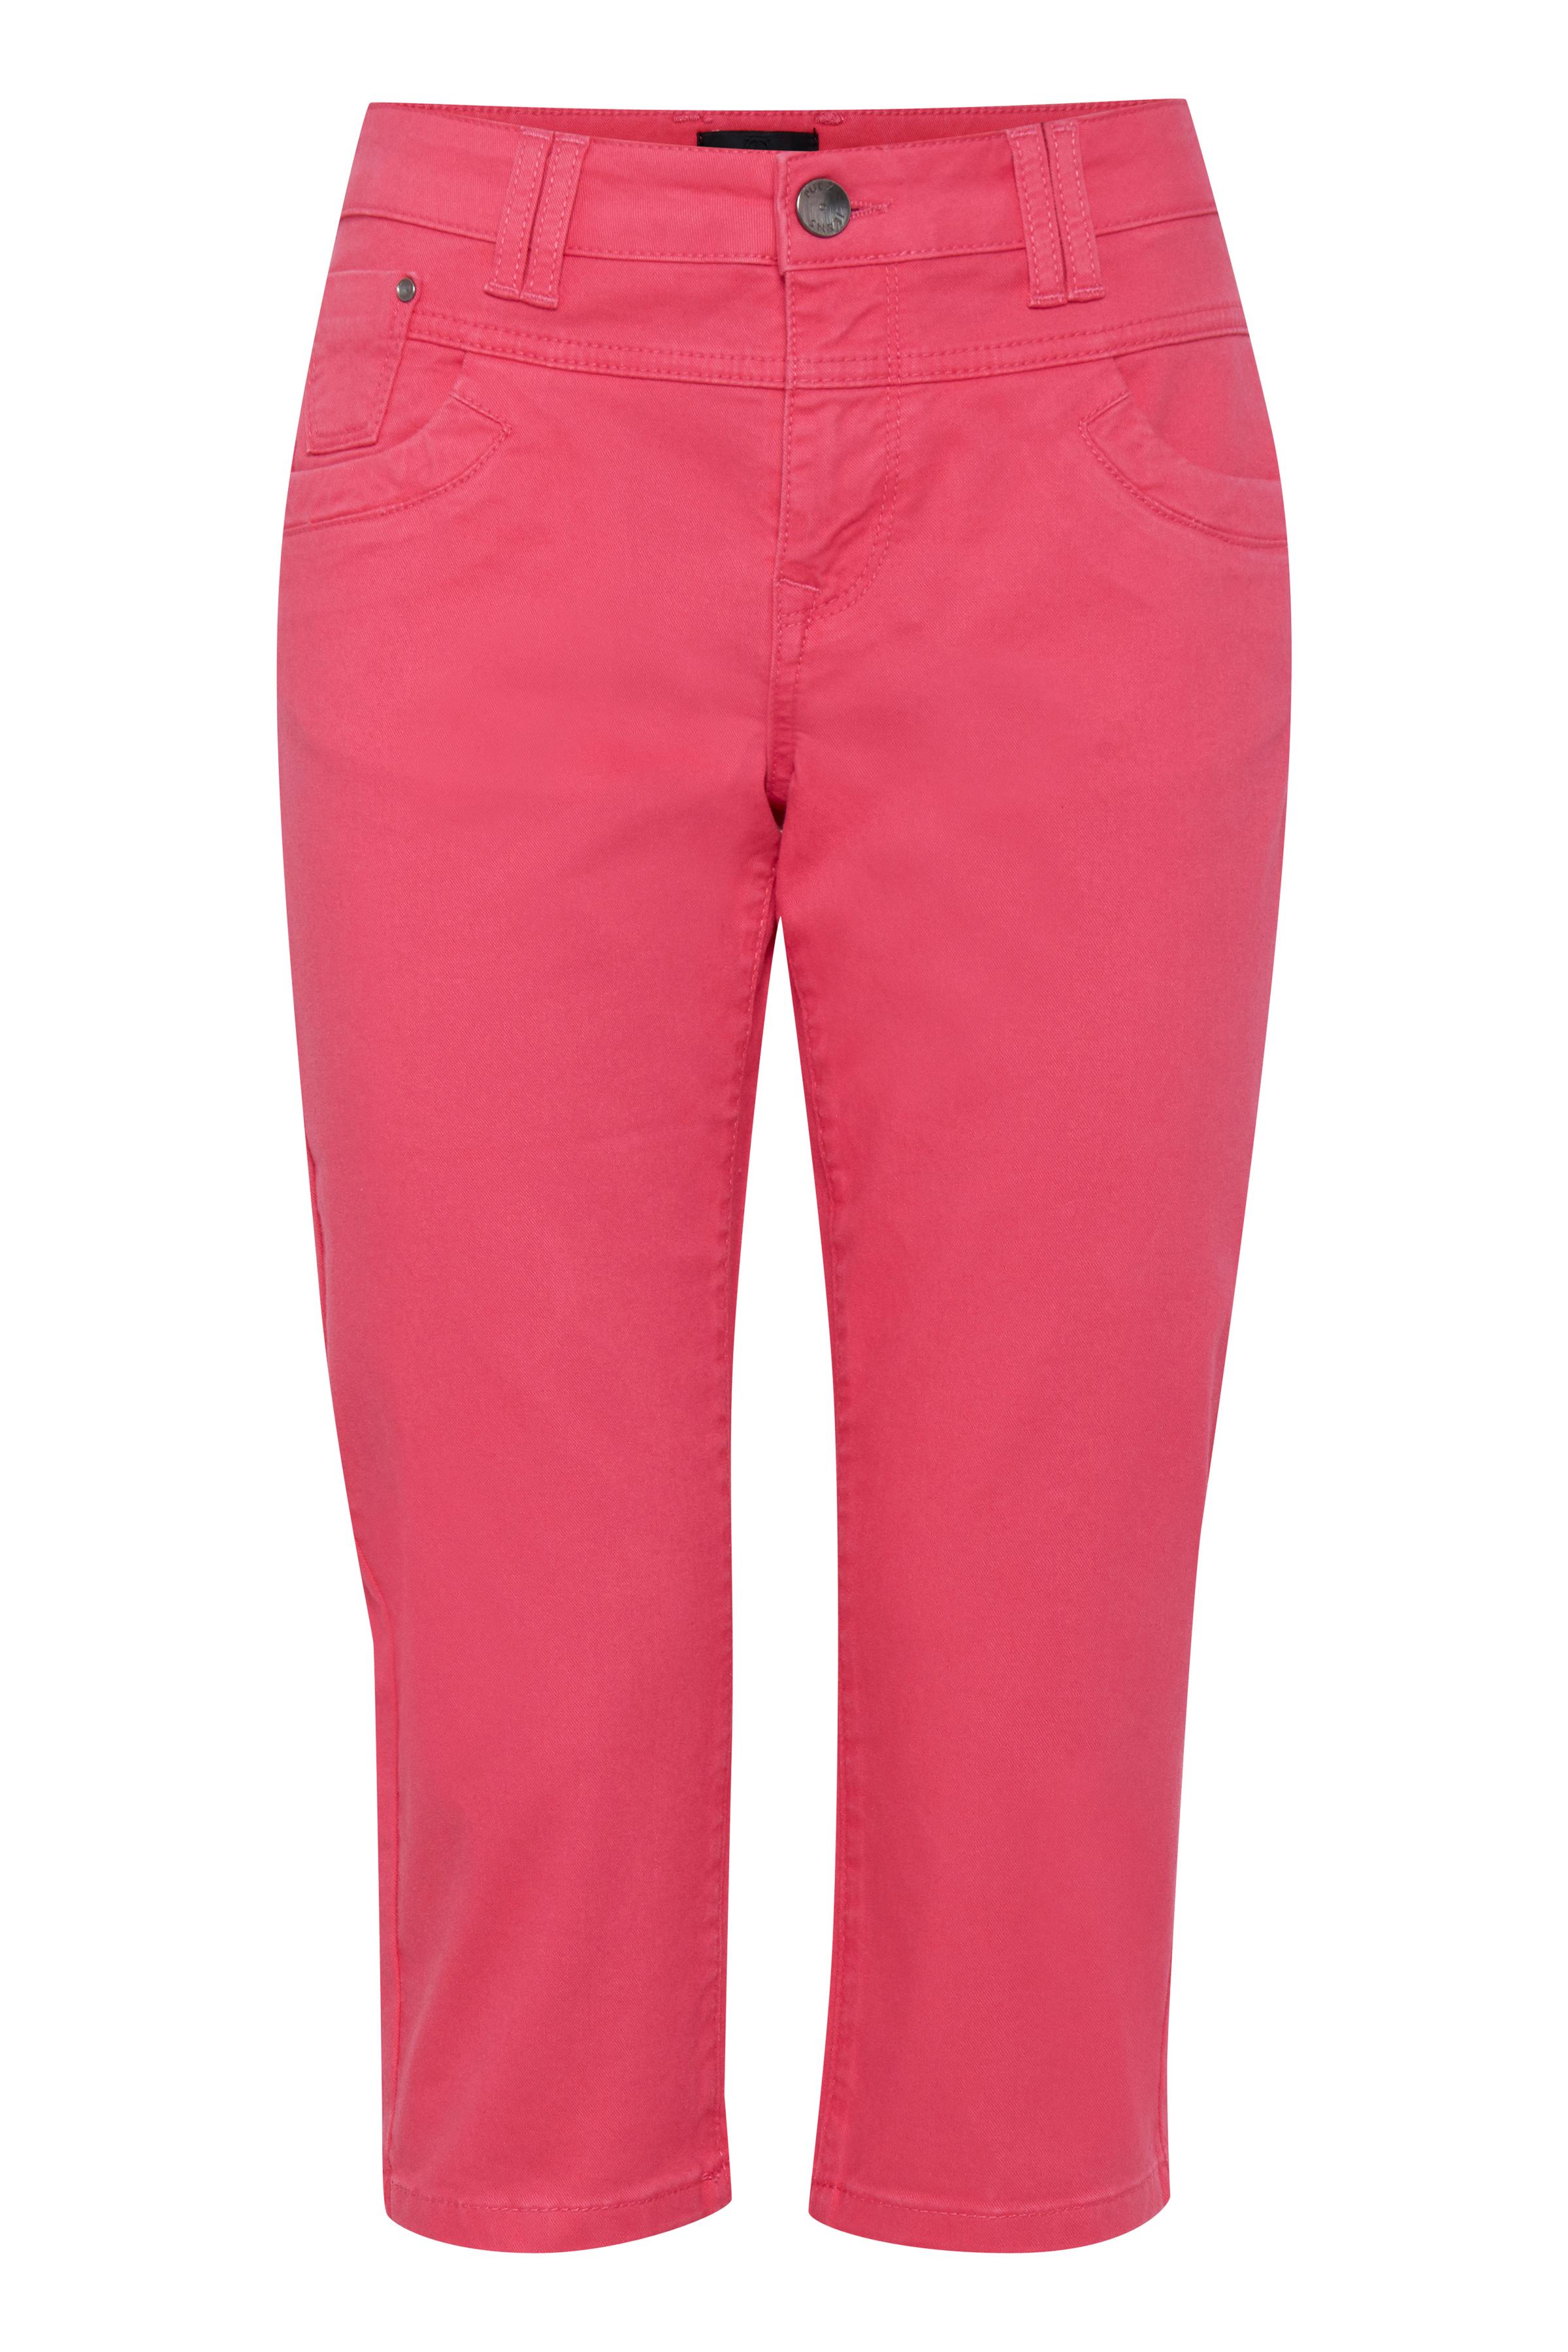 Image of Pulz Jeans Dame 5-lommet capri bukser - Pink